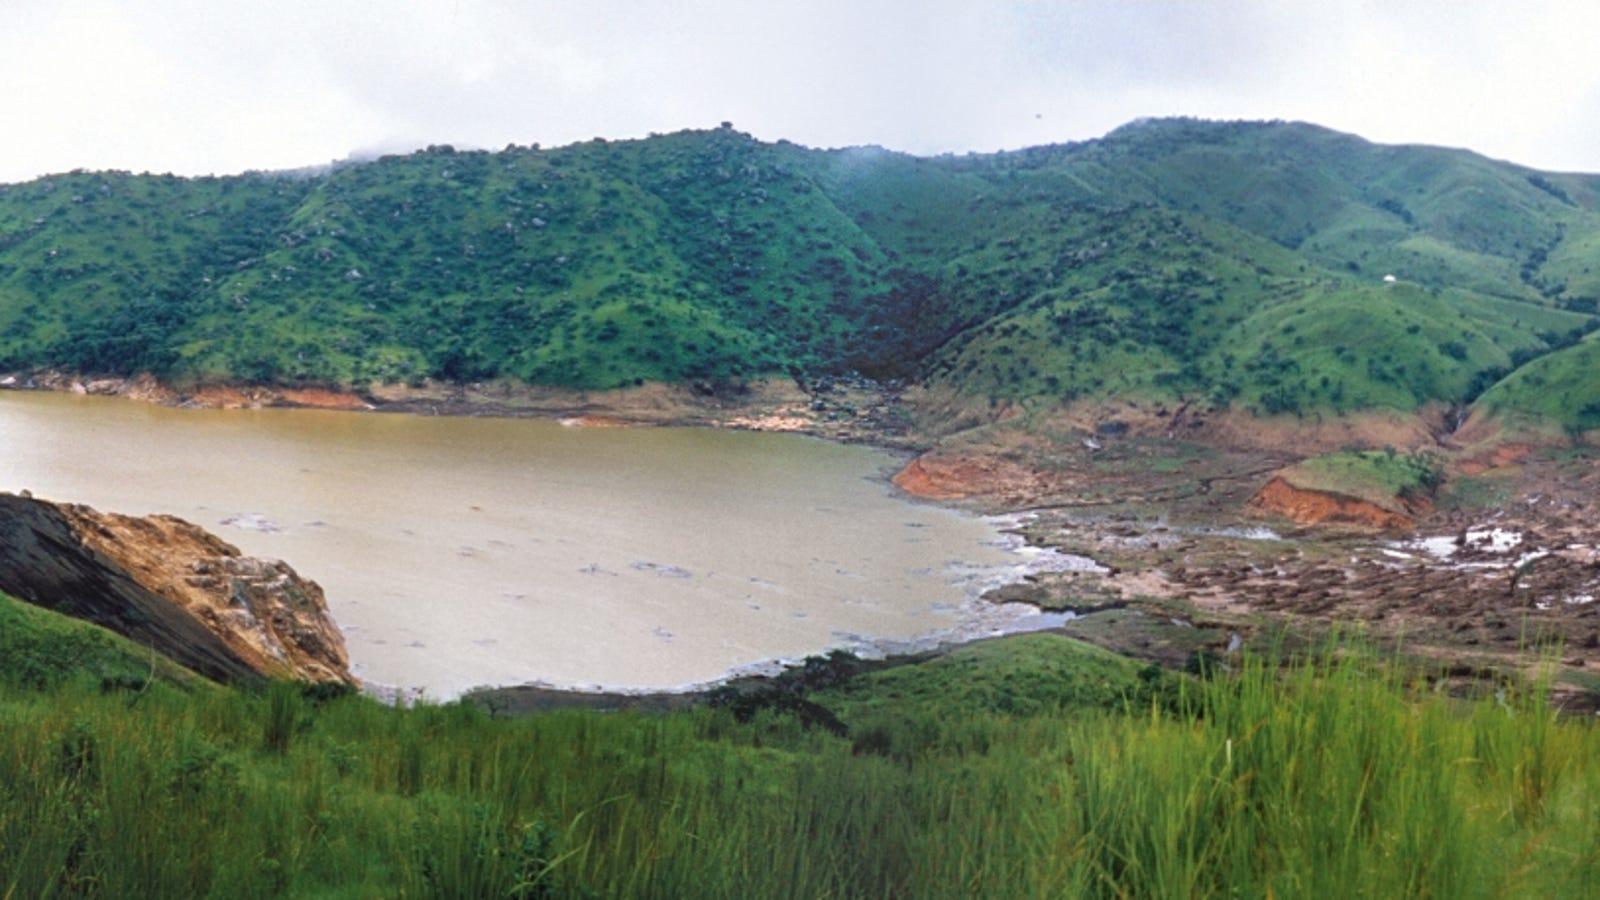 Este pequeño lago mató a más de 1.700 personas en una sola noche, y todavía no sabemos por qué